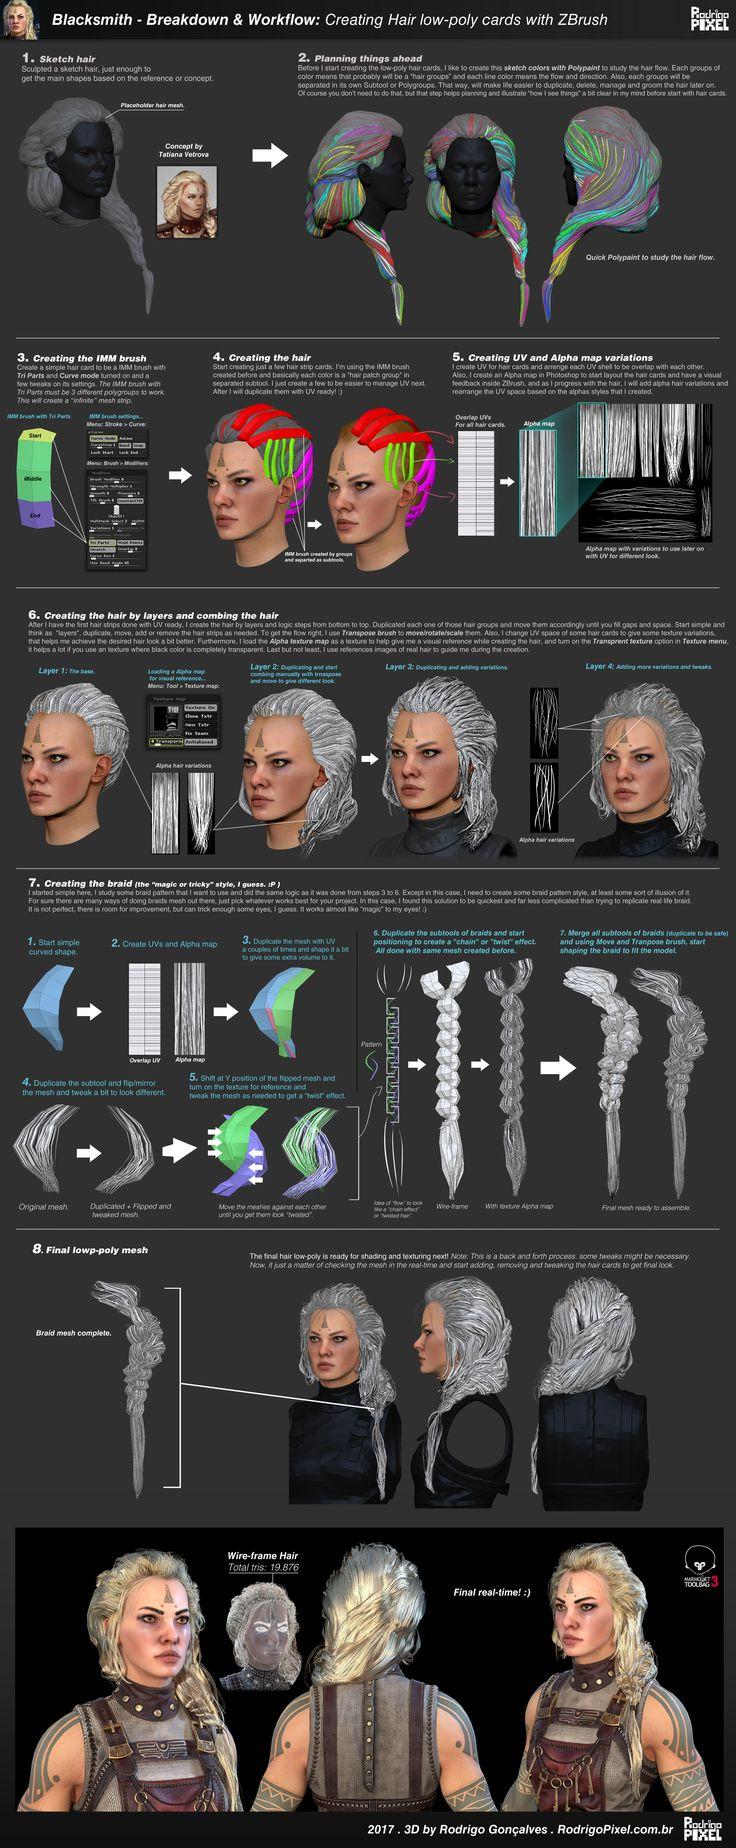 blacksmith_hair_breakdown.jpg (2500×6280)